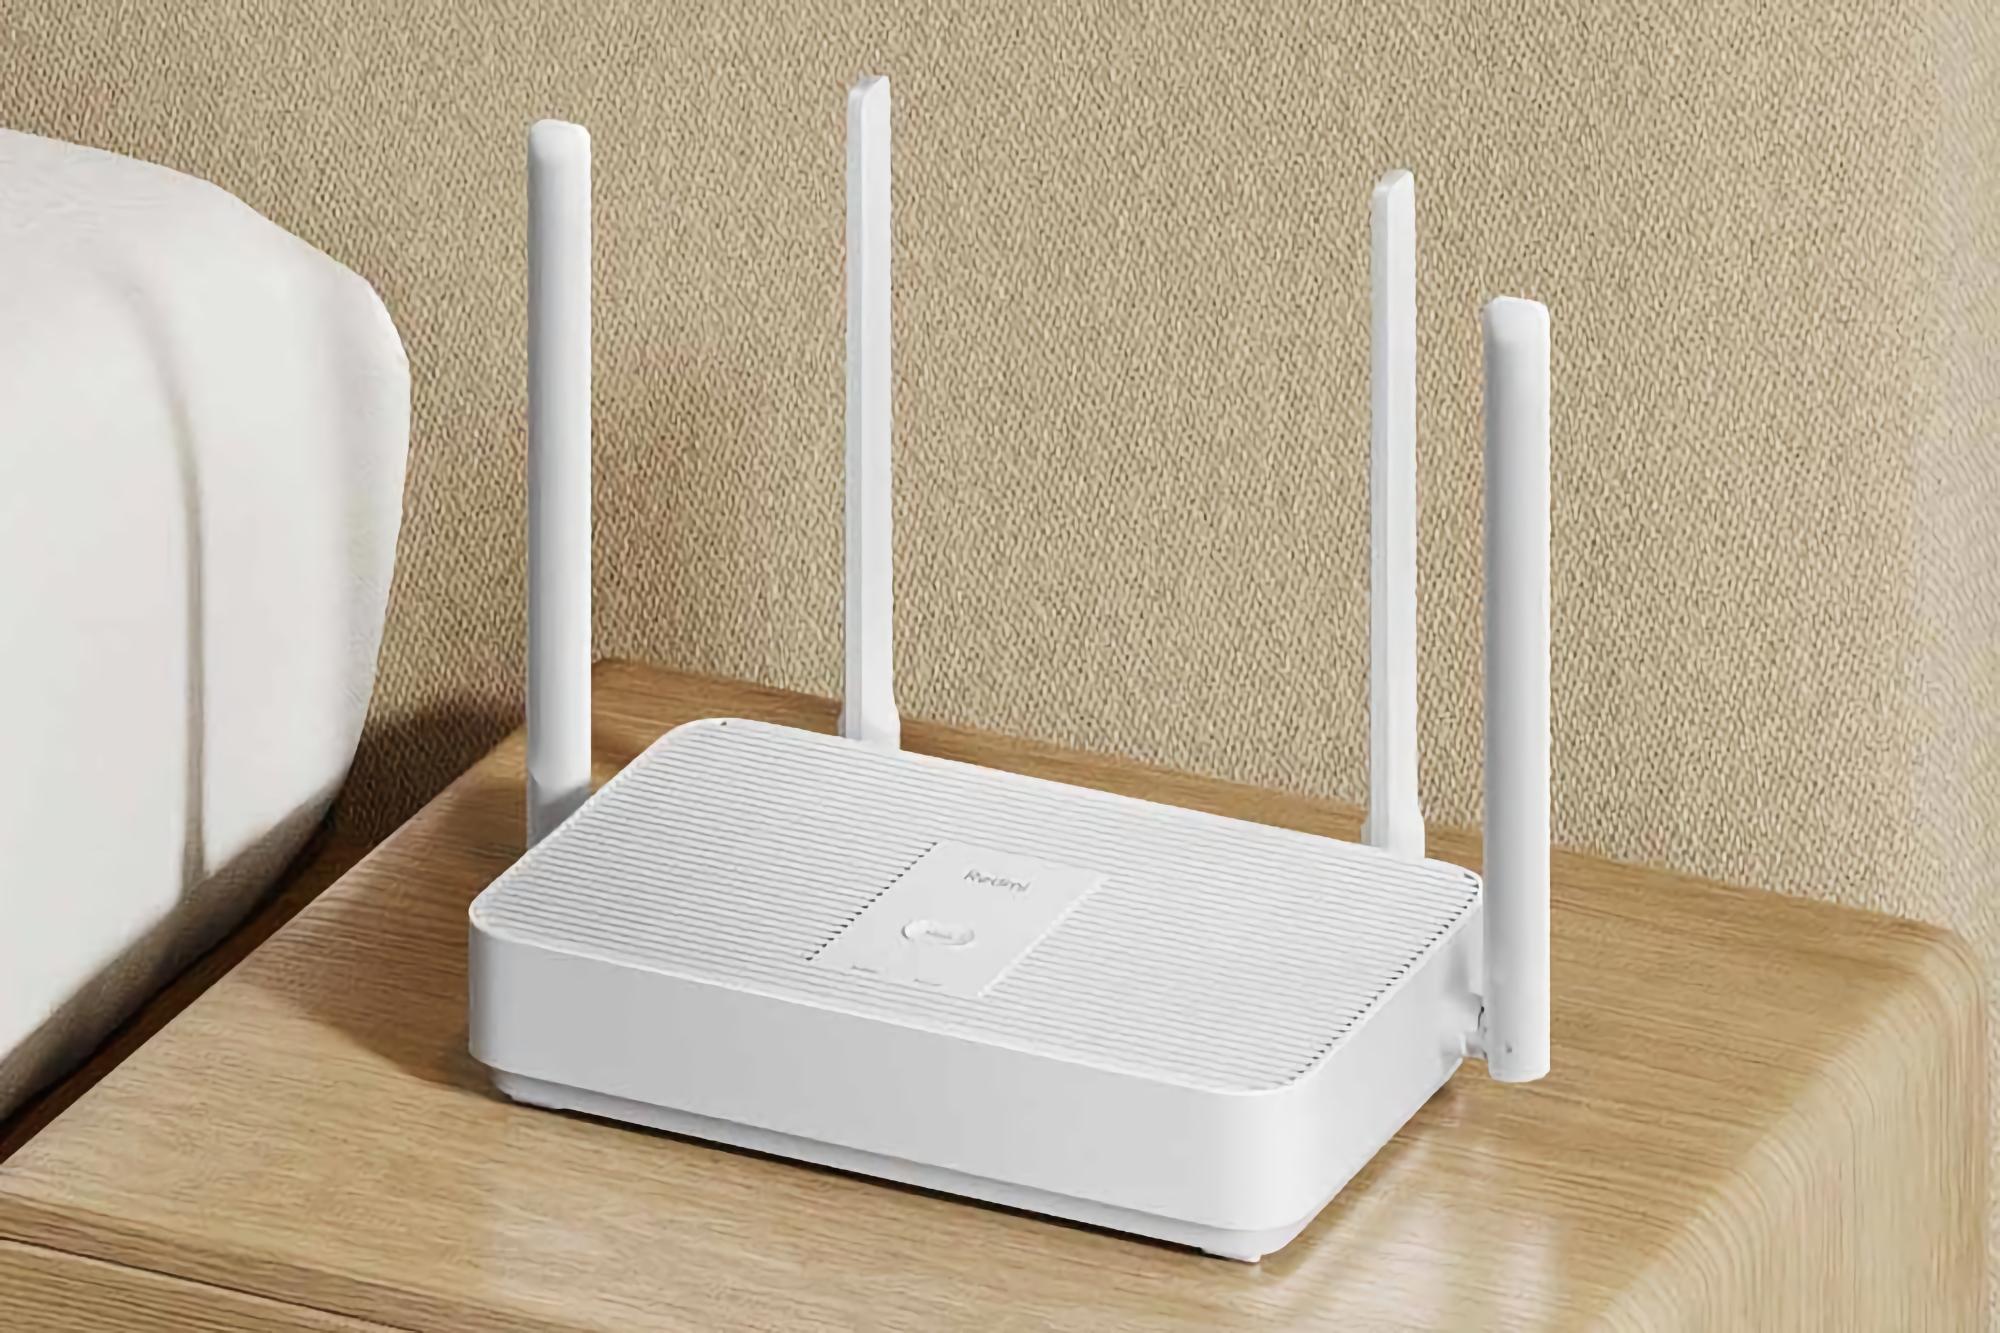 Xiaomi представила Redmi Router AX1800 с поддержкой Wi-Fi 6 и ценником в $36